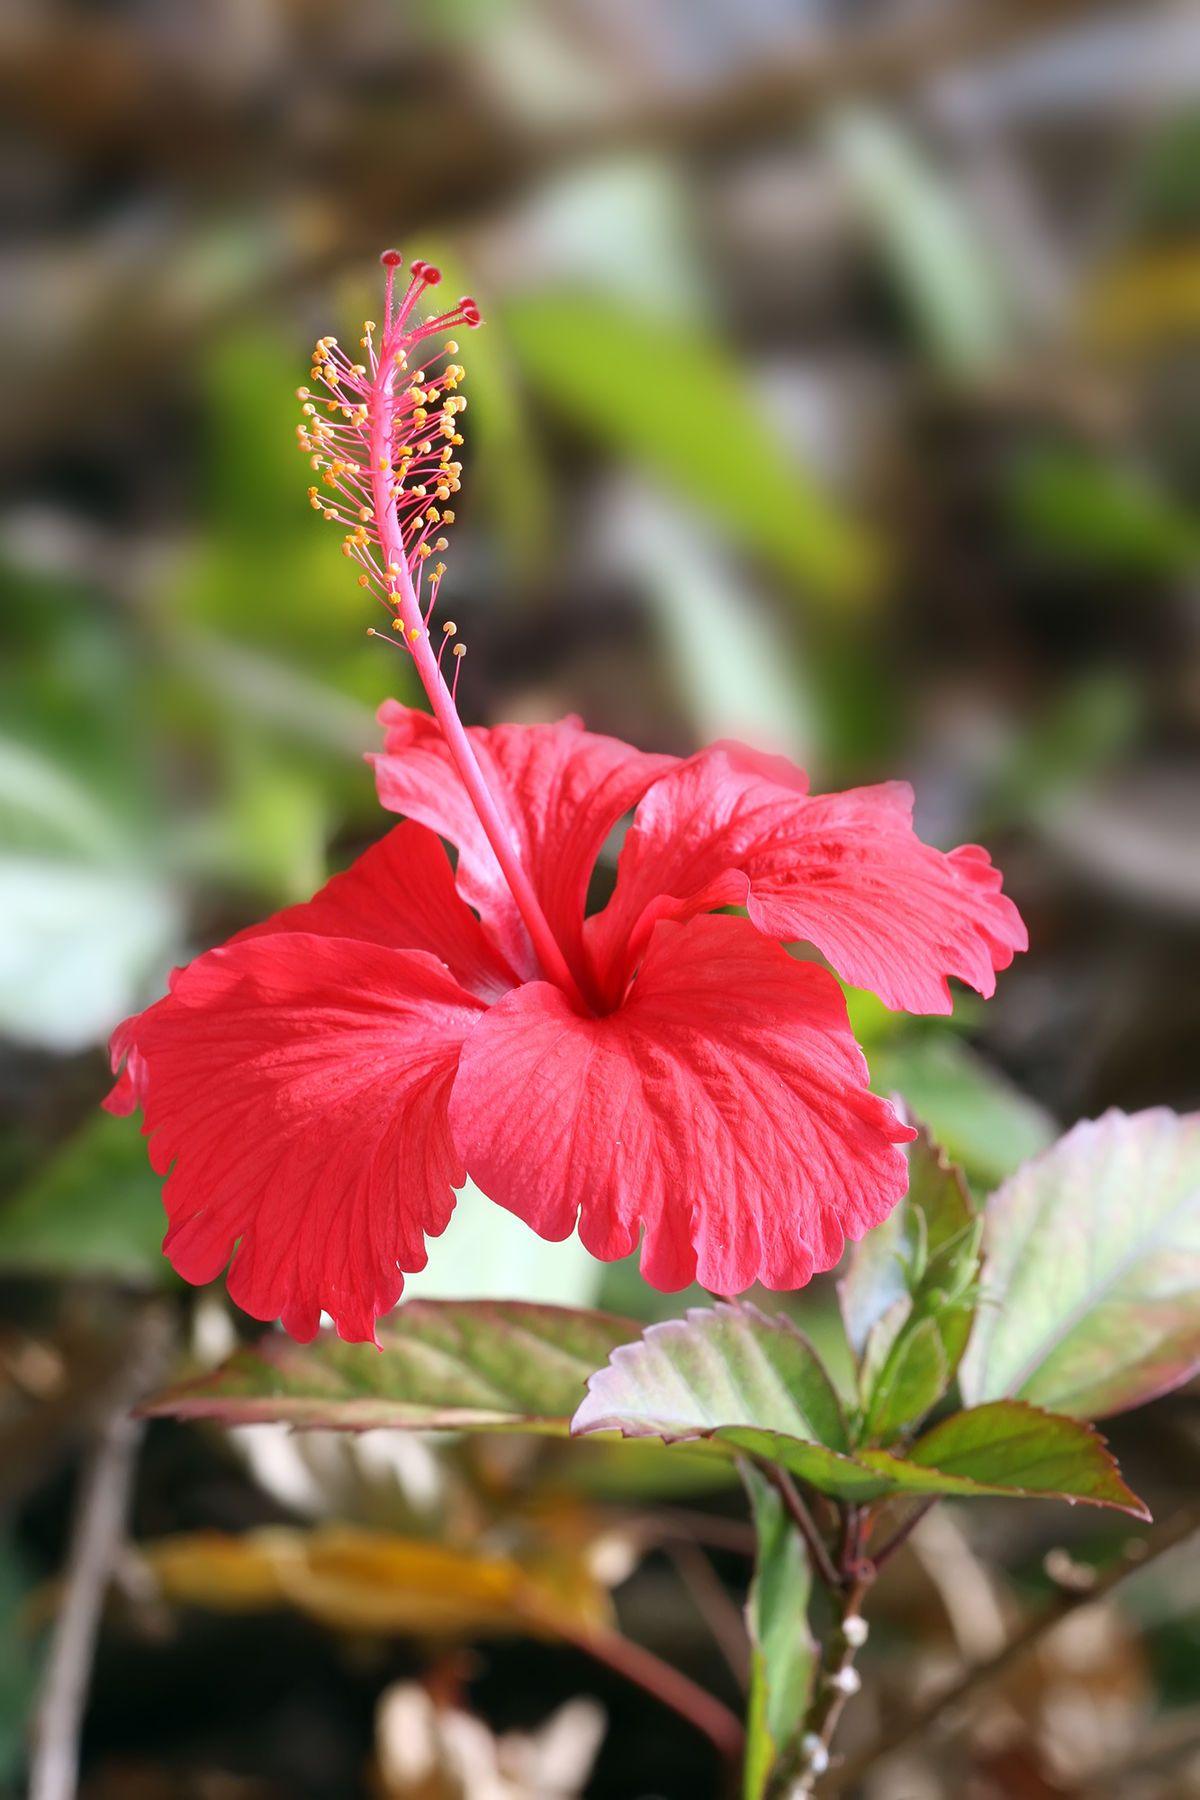 Hibiscus Wikipedia Flowers Hibiscus Plant Gumamela